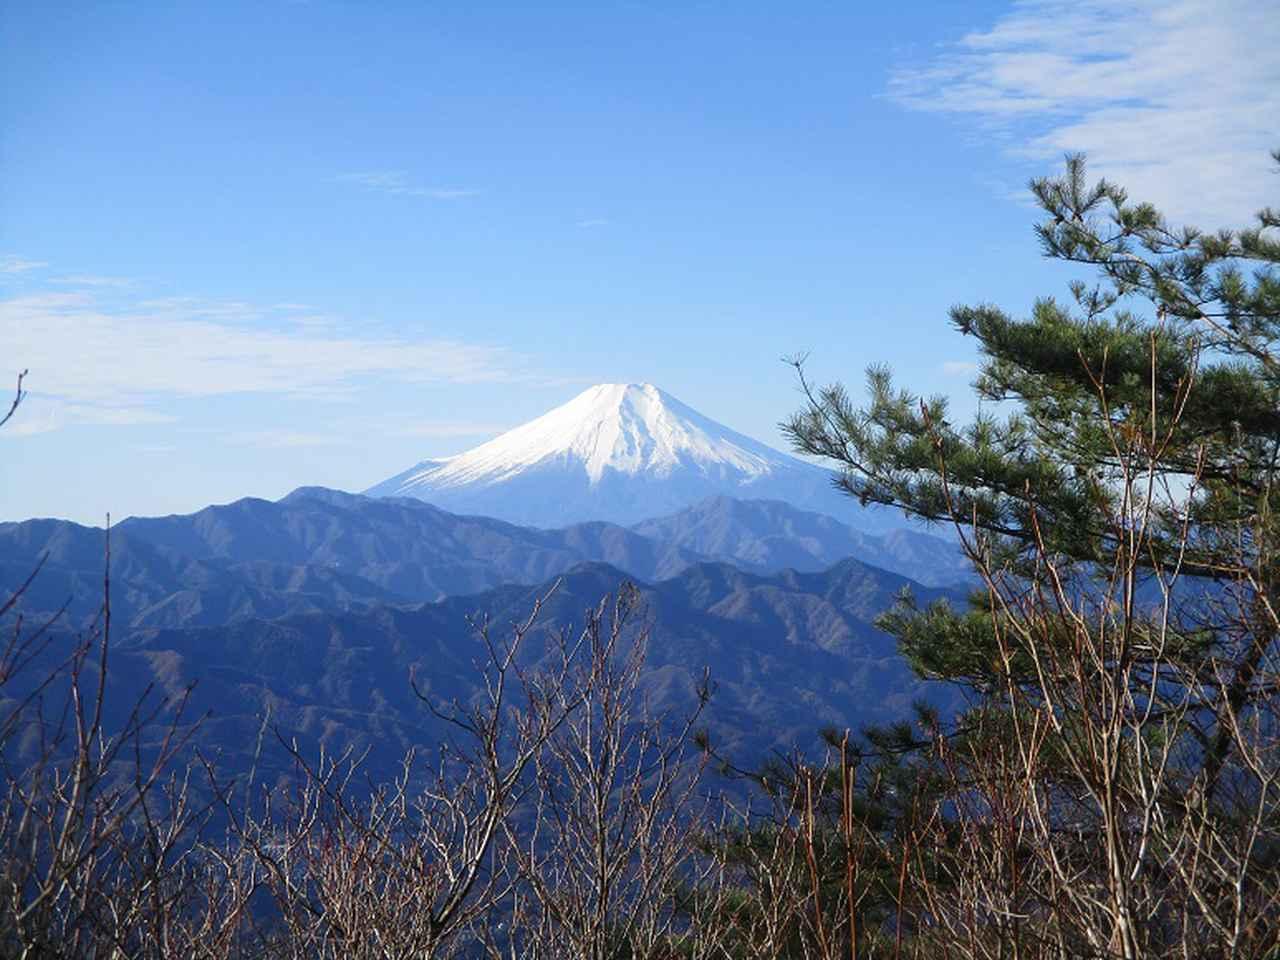 画像8: 12月の山旅会 生藤山 ツアーの下見に行ってきました!